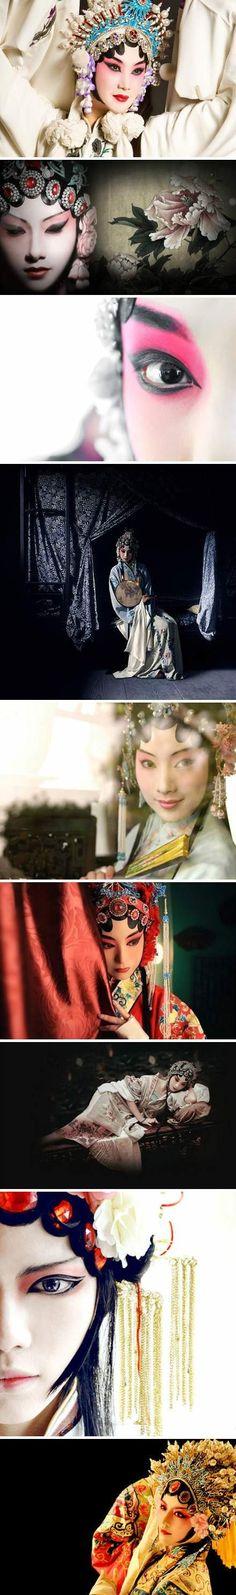 Beijing operas                                                                                                                                                                                 More